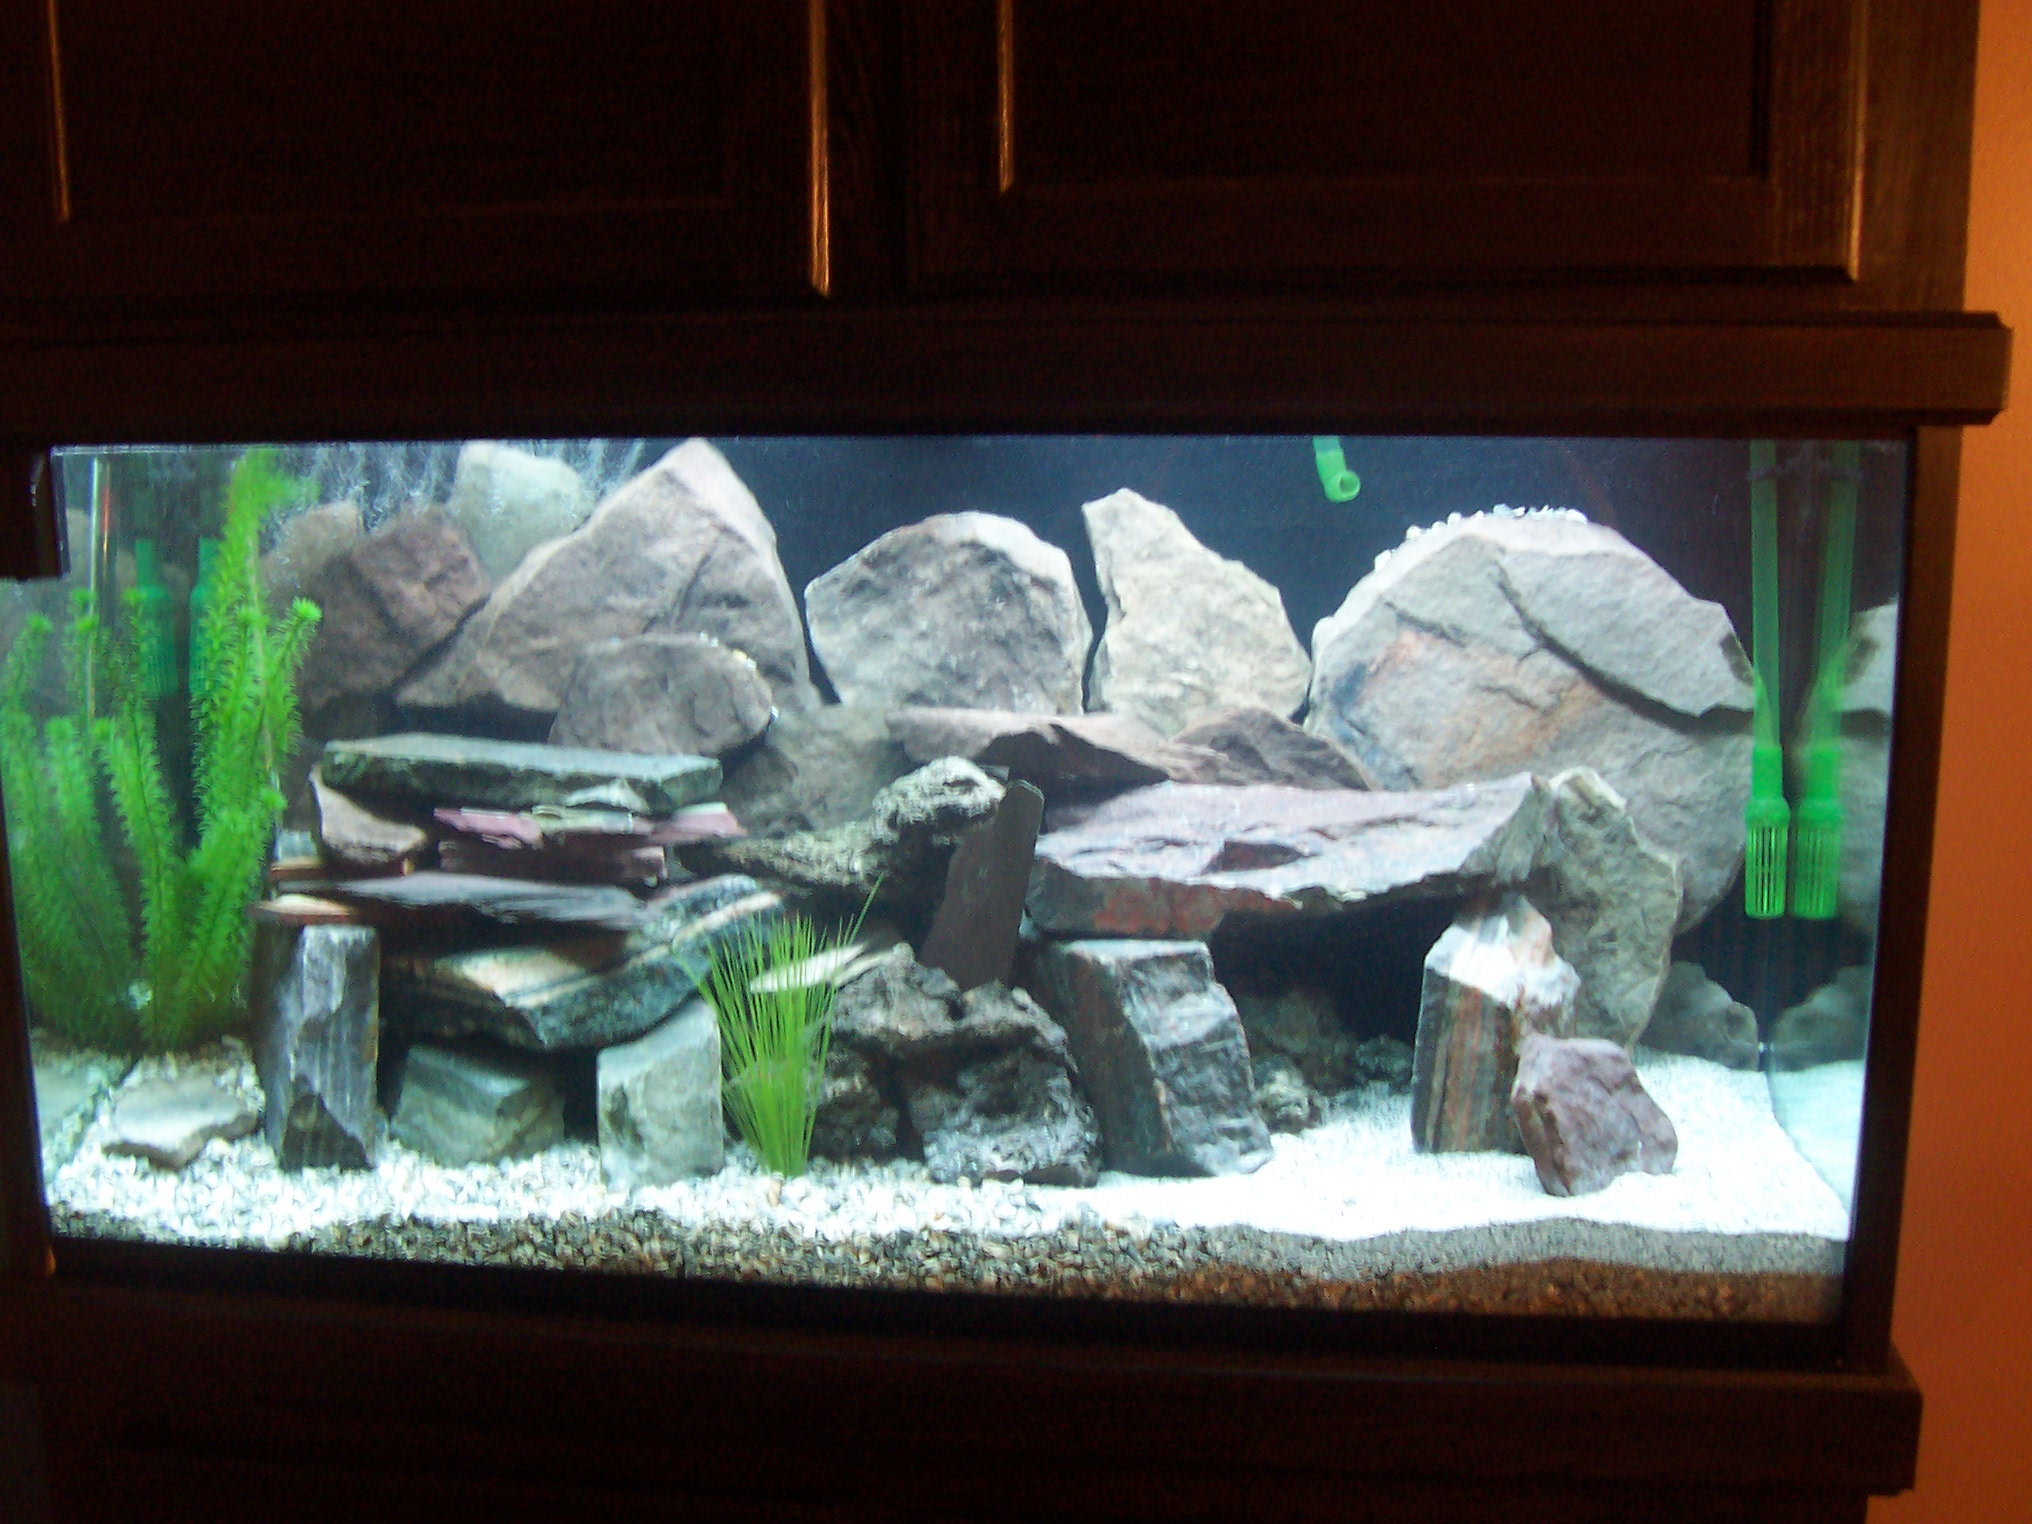 100 gallon fish tank setup tank examples for Fish pond setup